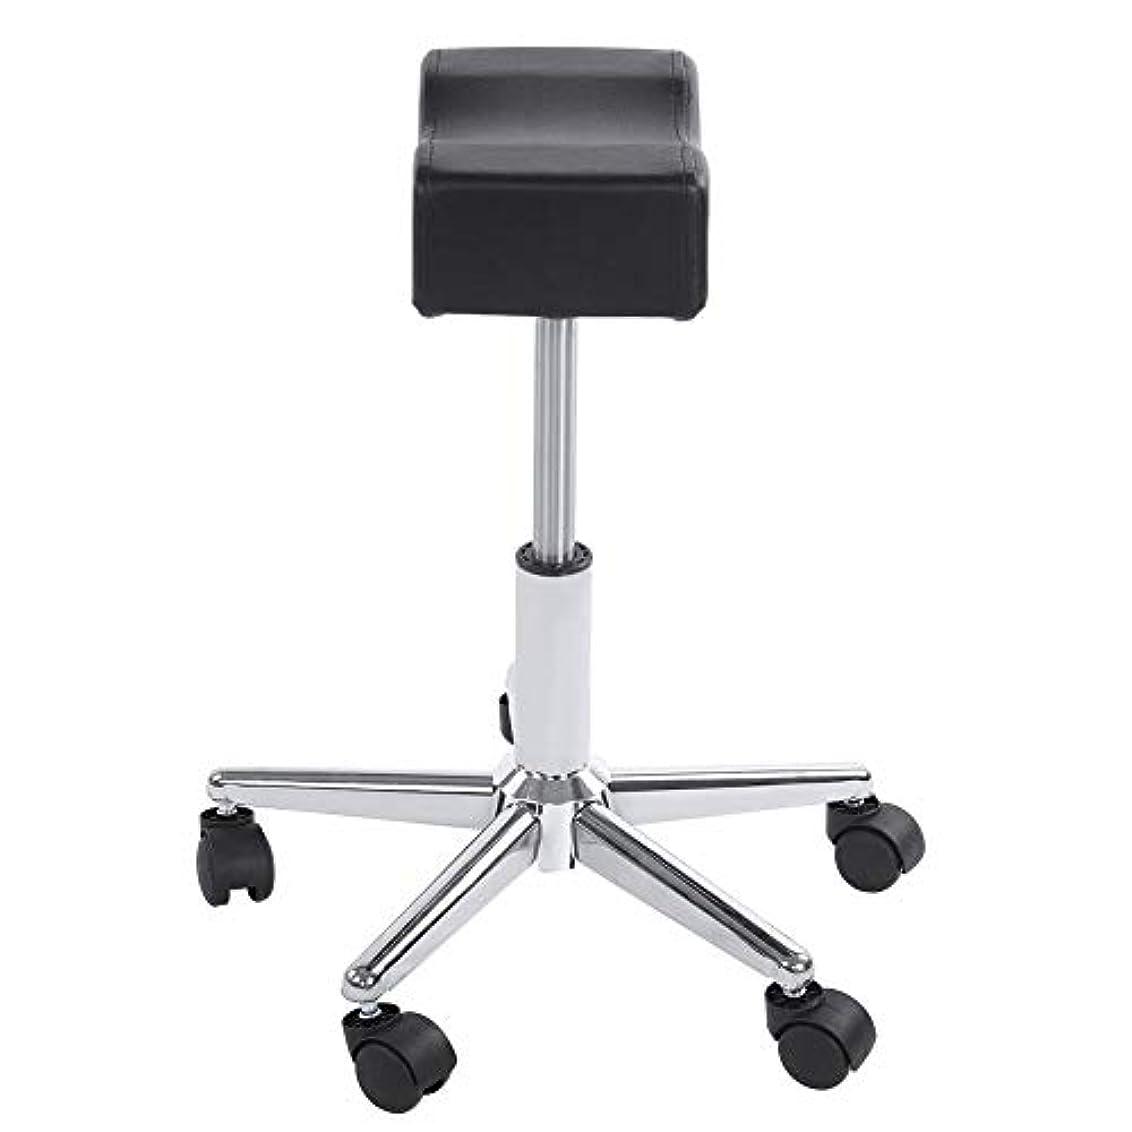 応援するリズミカルな獲物調節可能な椅子、高さ調節可能なローリングチェアホーム用可動ホイール付きの快適なシートクッションスツール